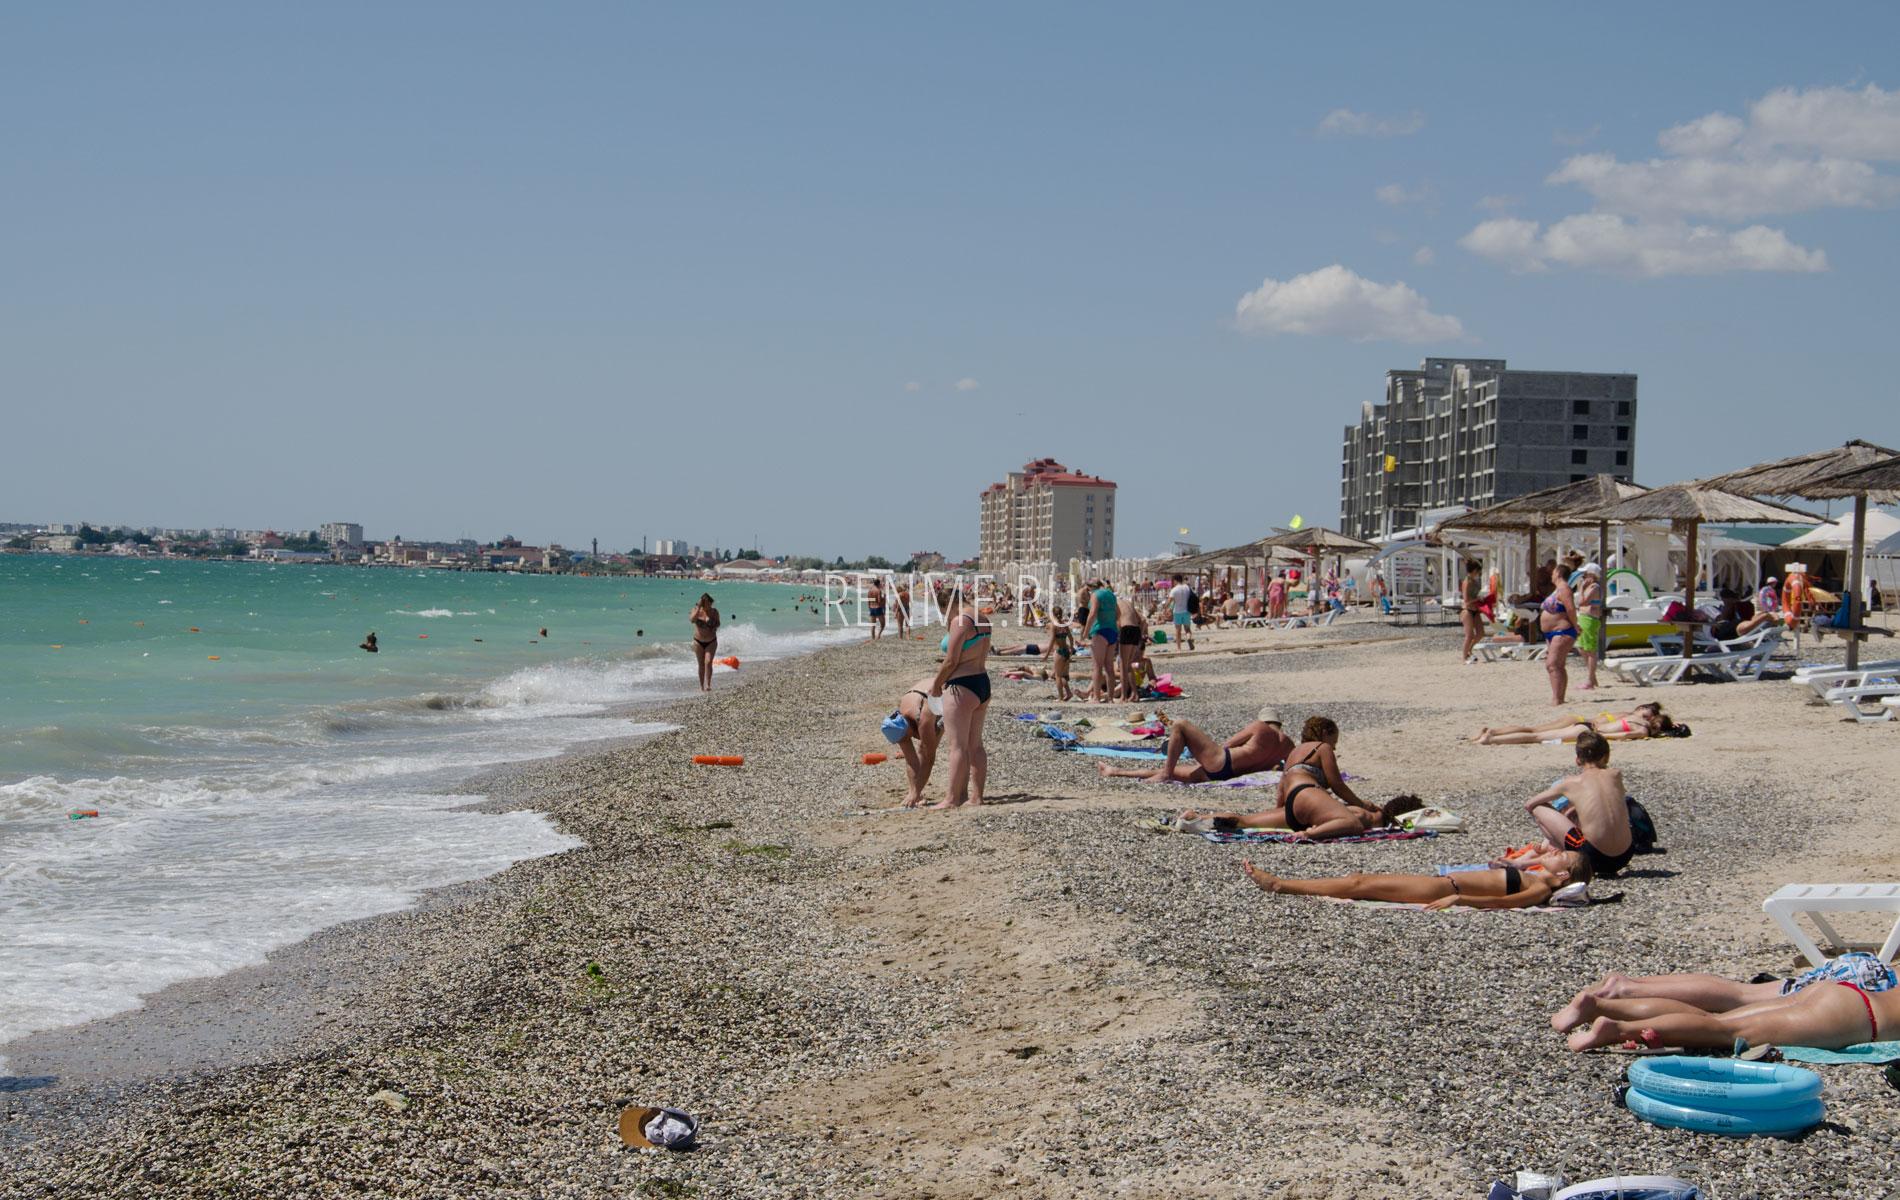 Песчано-галечный пляж в сезон 2019. Фото Евпатории